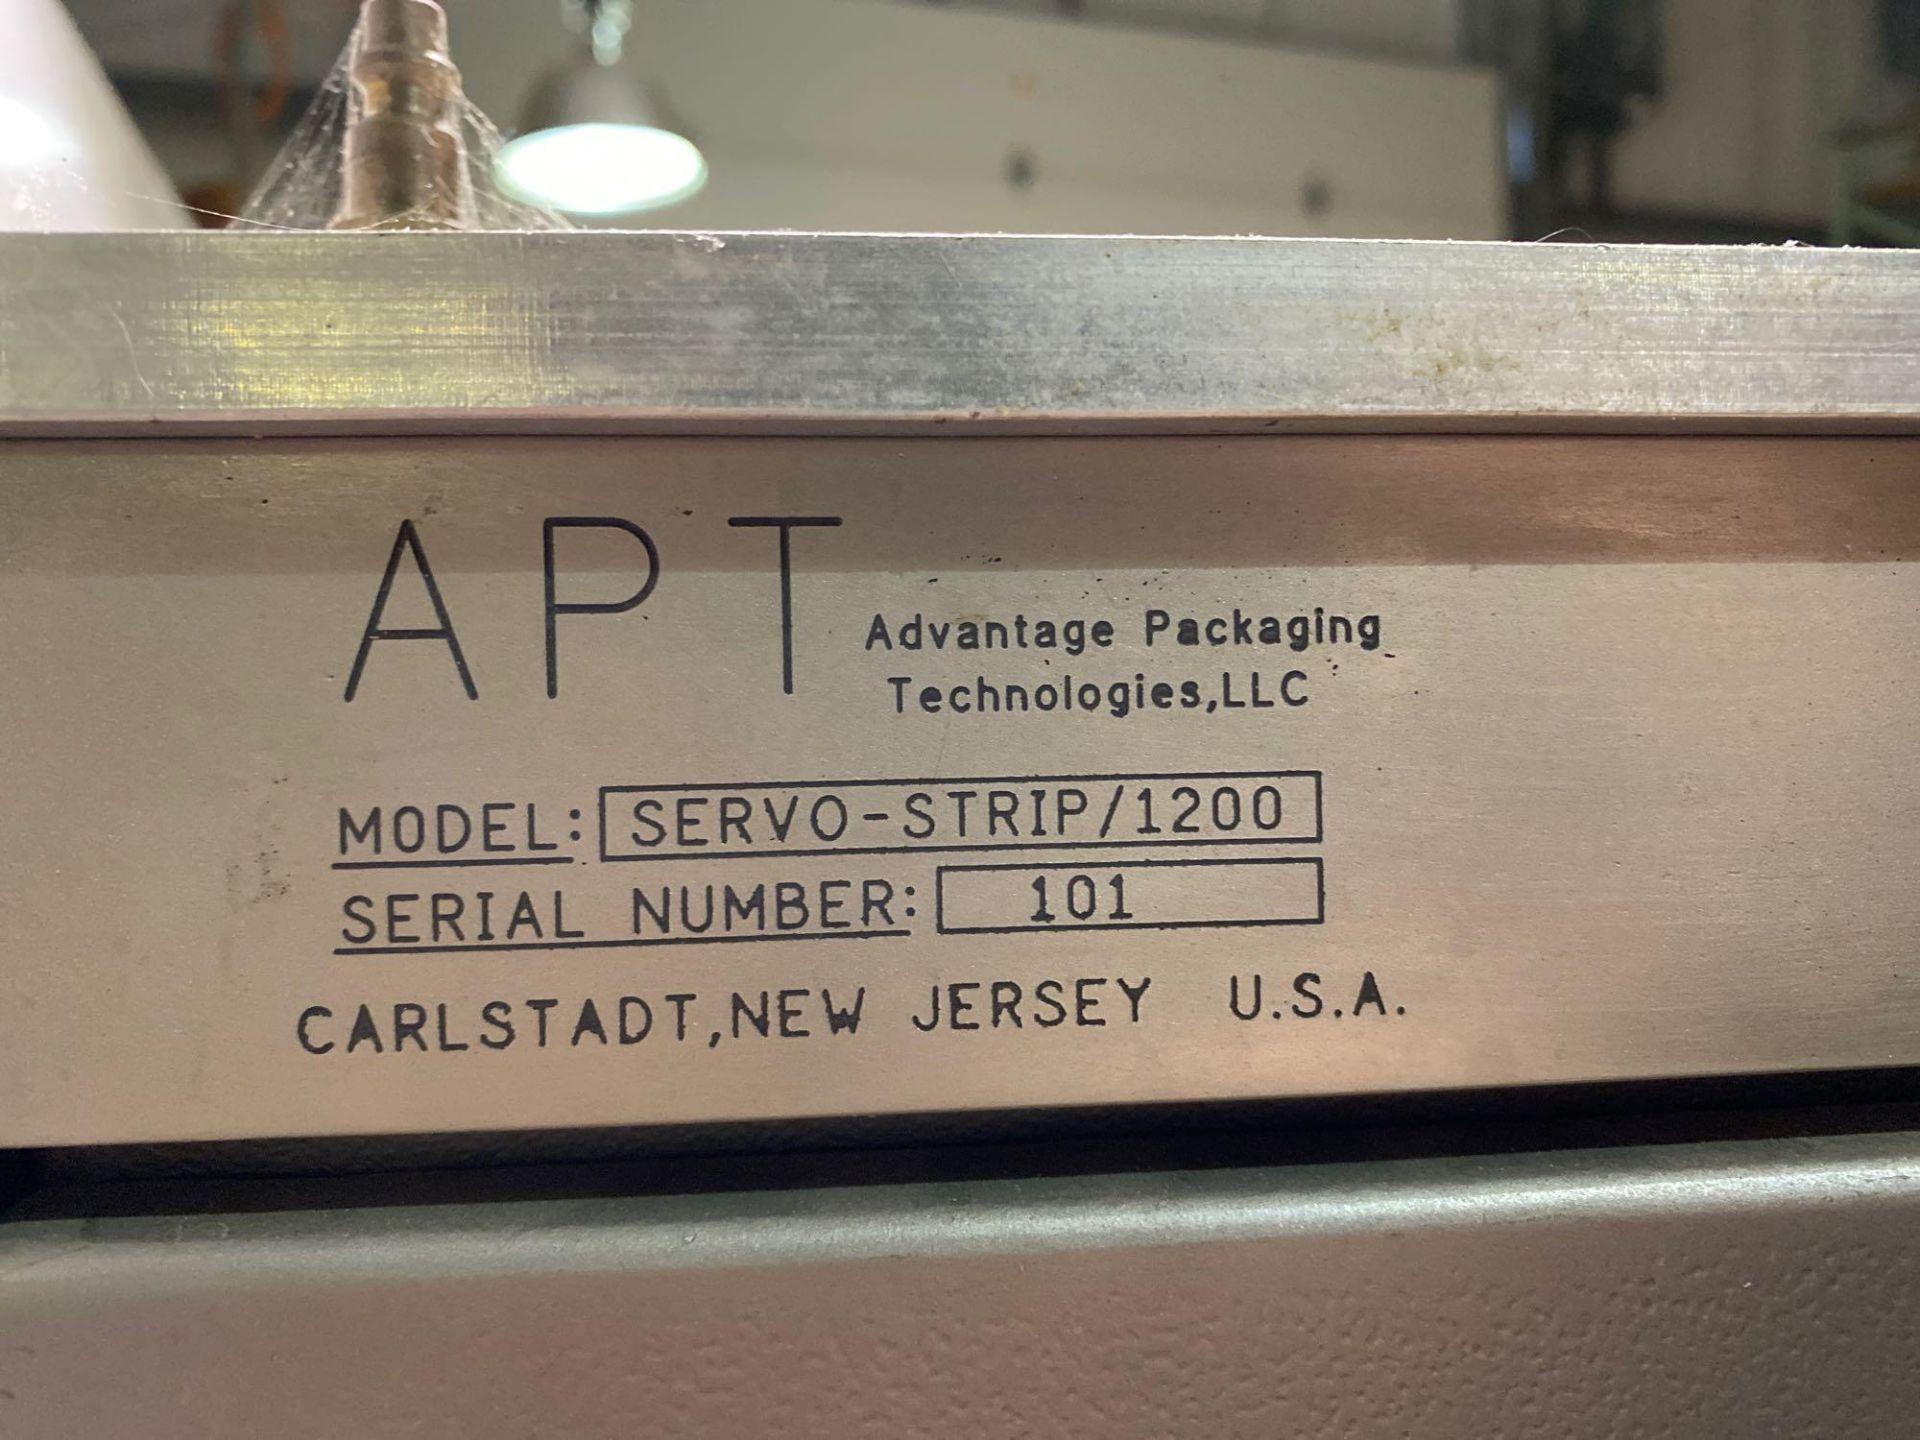 APT Packaging Foil Packaging Machine - Image 23 of 27